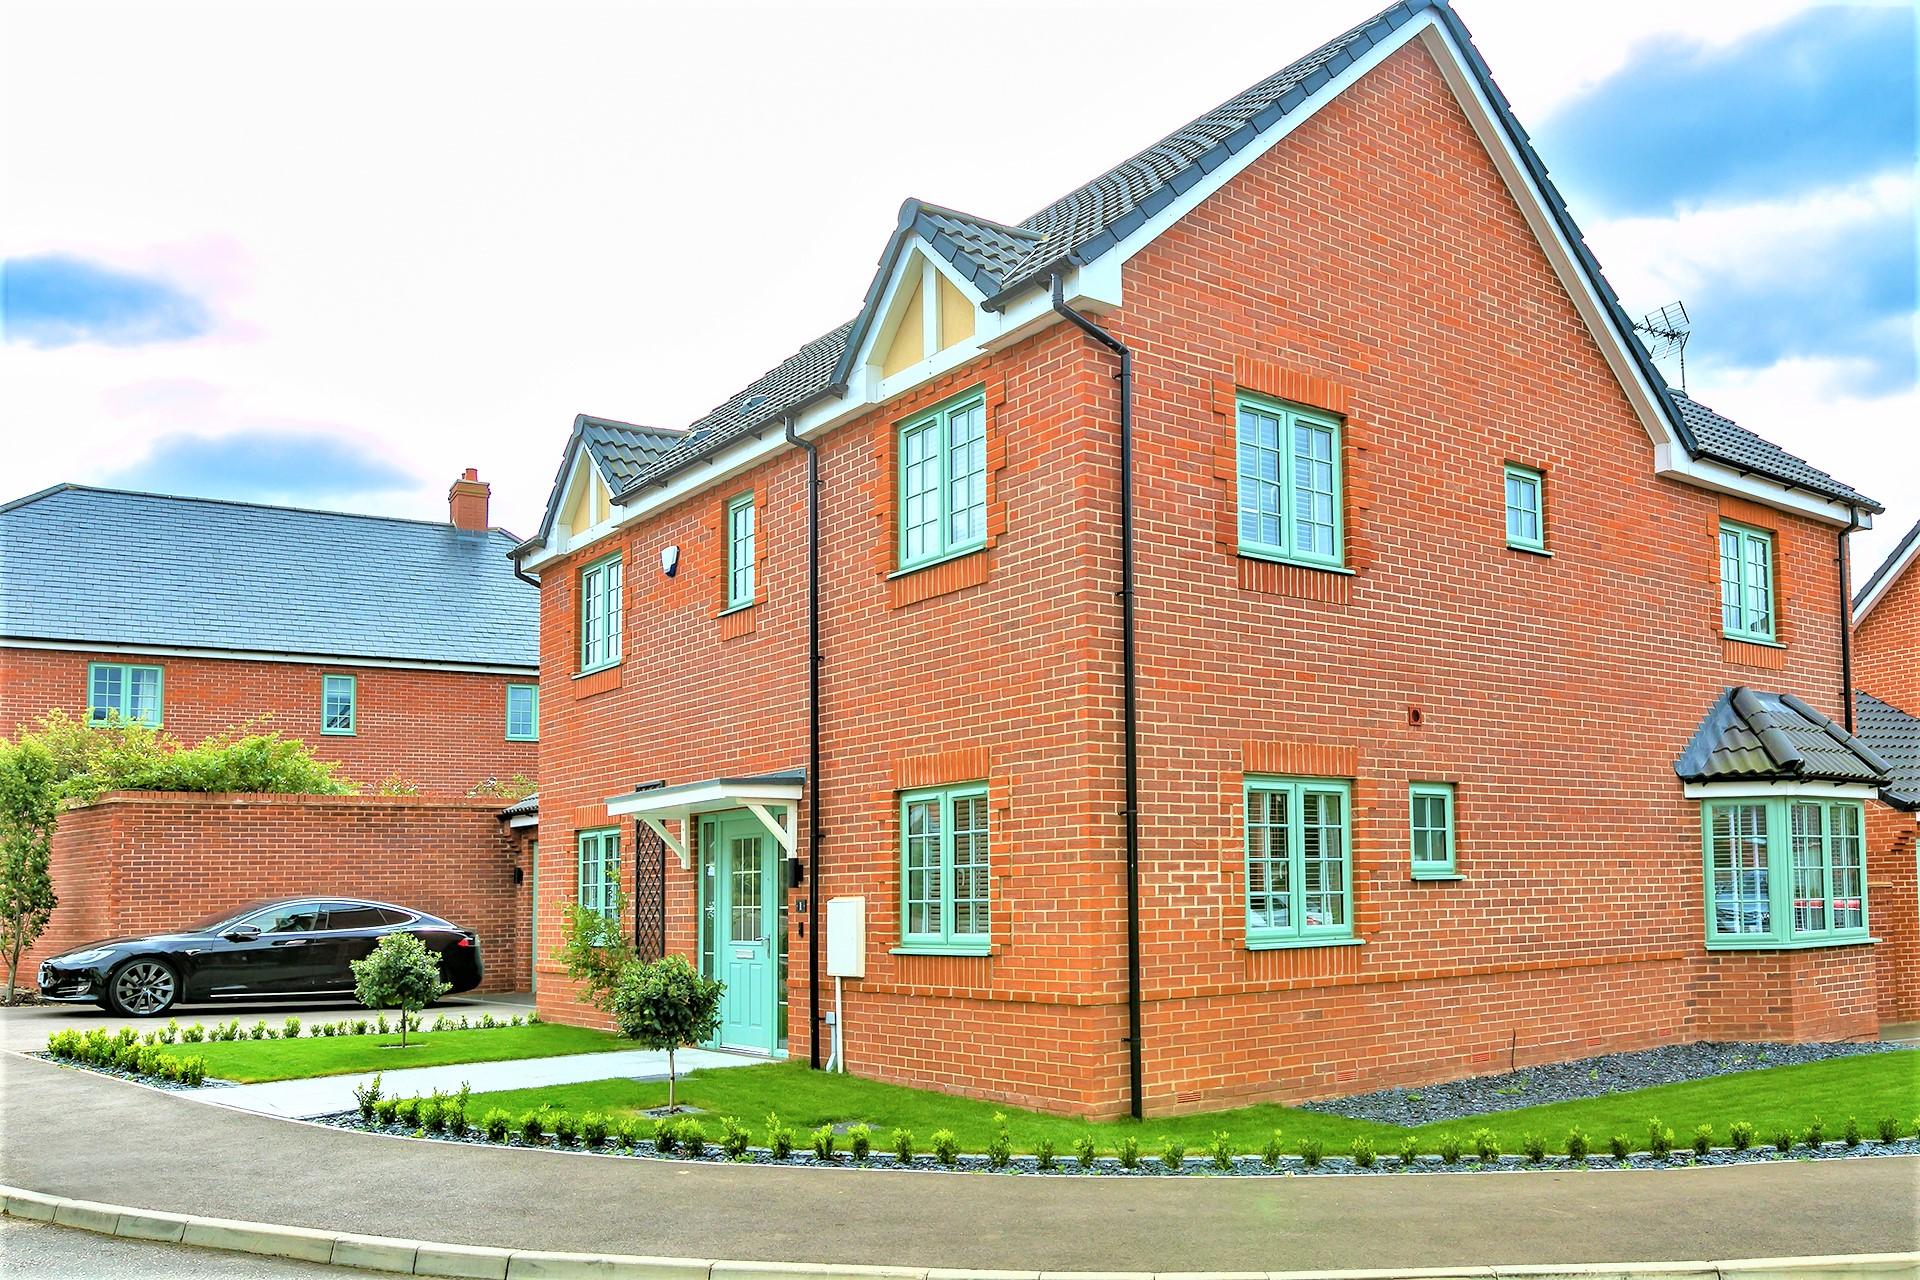 Ambridge Lane, Milton Keynes, Buckinghamshire Image